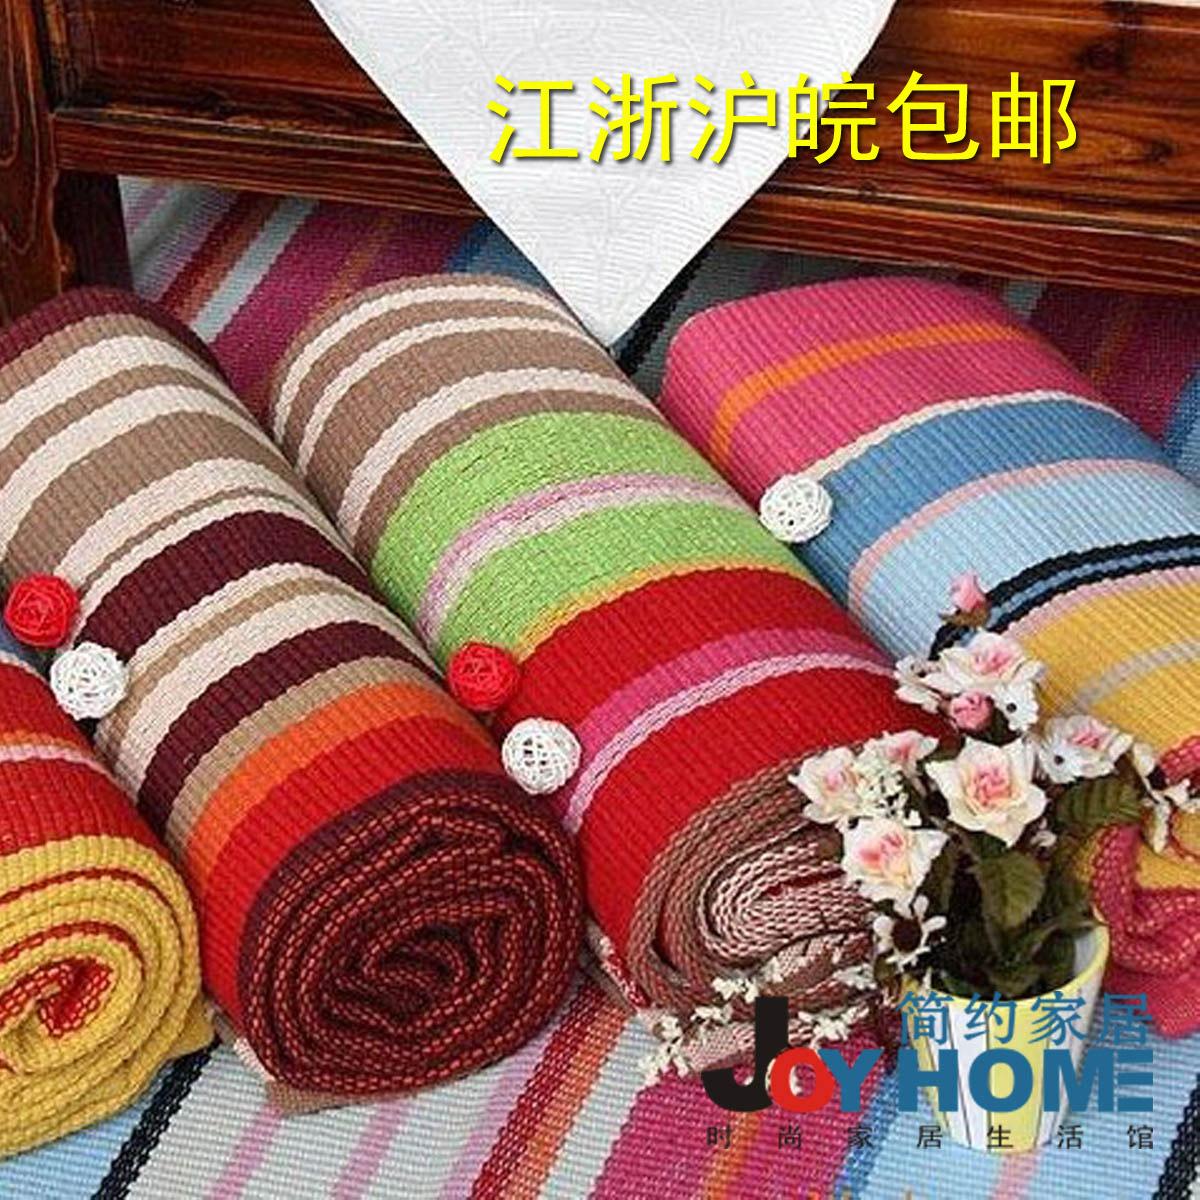 双12特价 冲皇冠特价全棉地毯地垫宝宝爬行垫纯棉可爱卧室垫 包邮